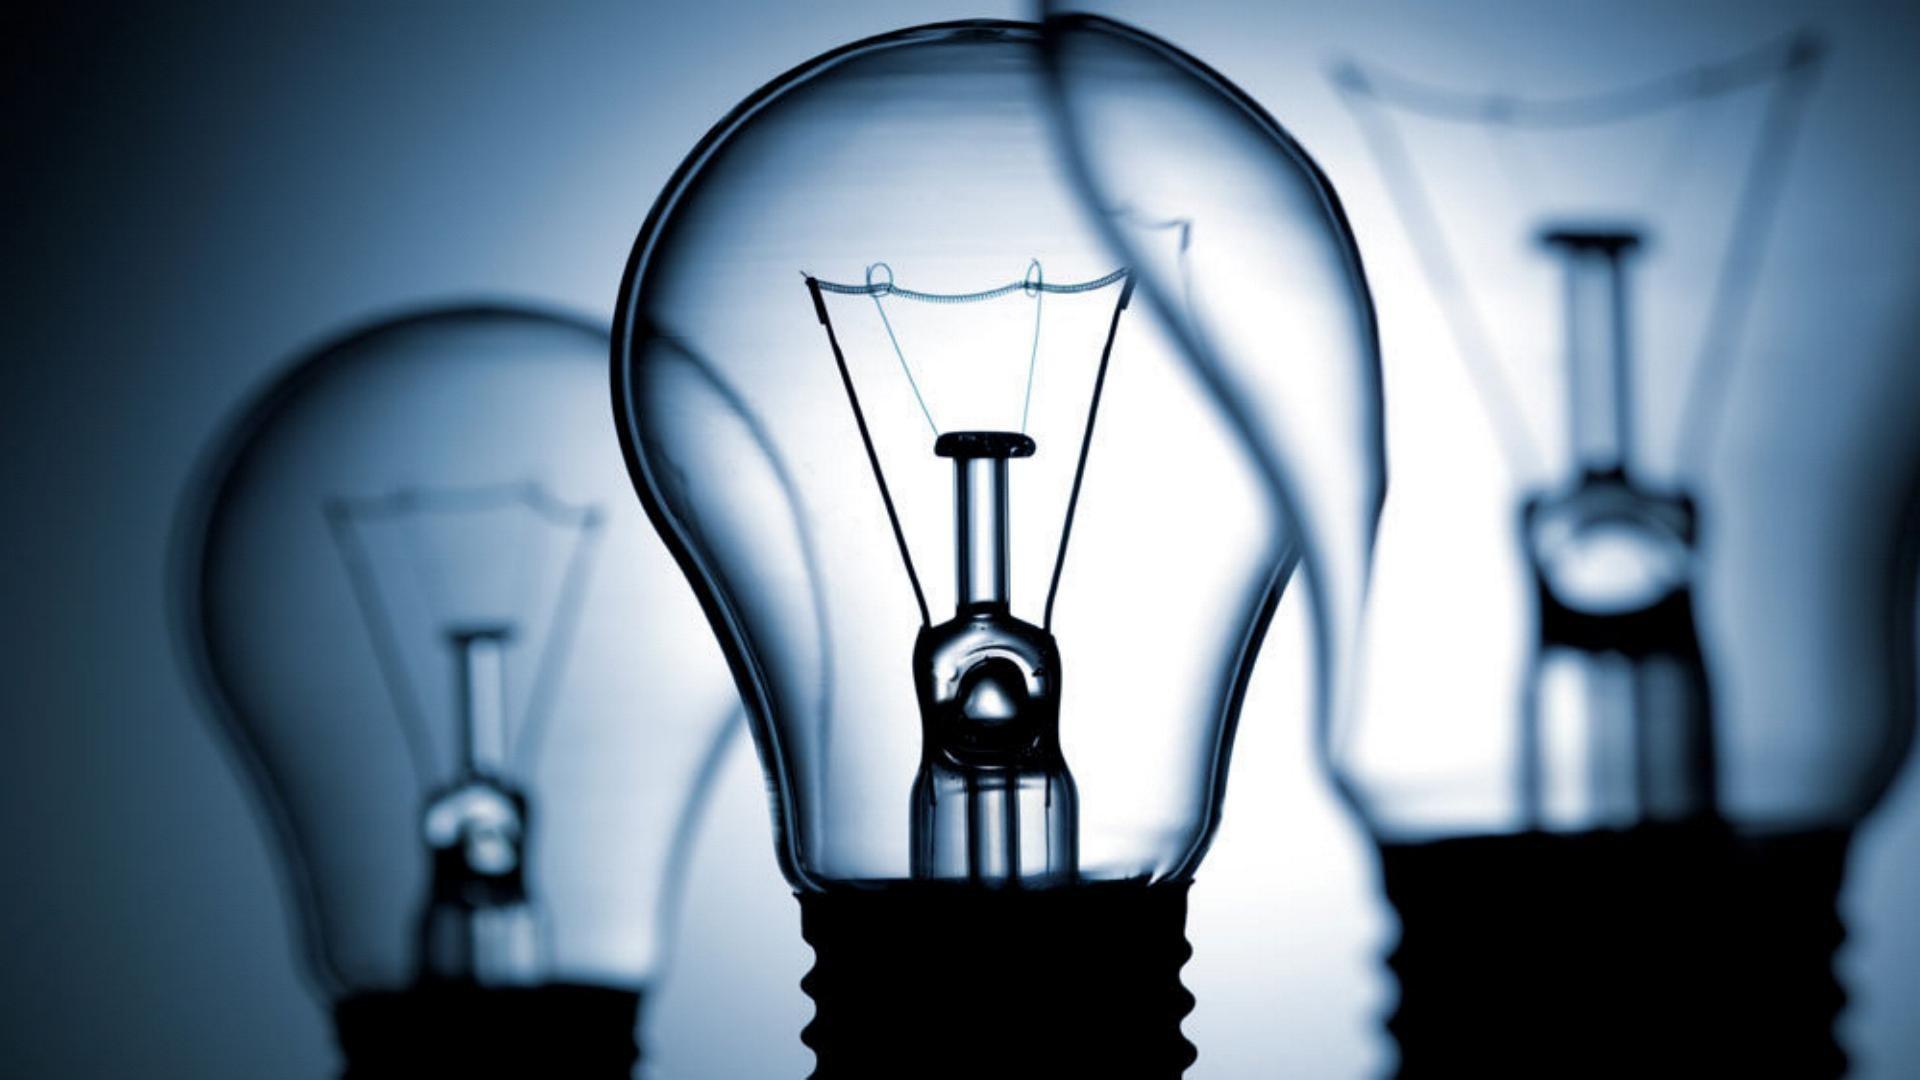 Confronto tra lampadine wekiwi risparmiare soldi - Confronto tra lampadine: qual è la migliore?